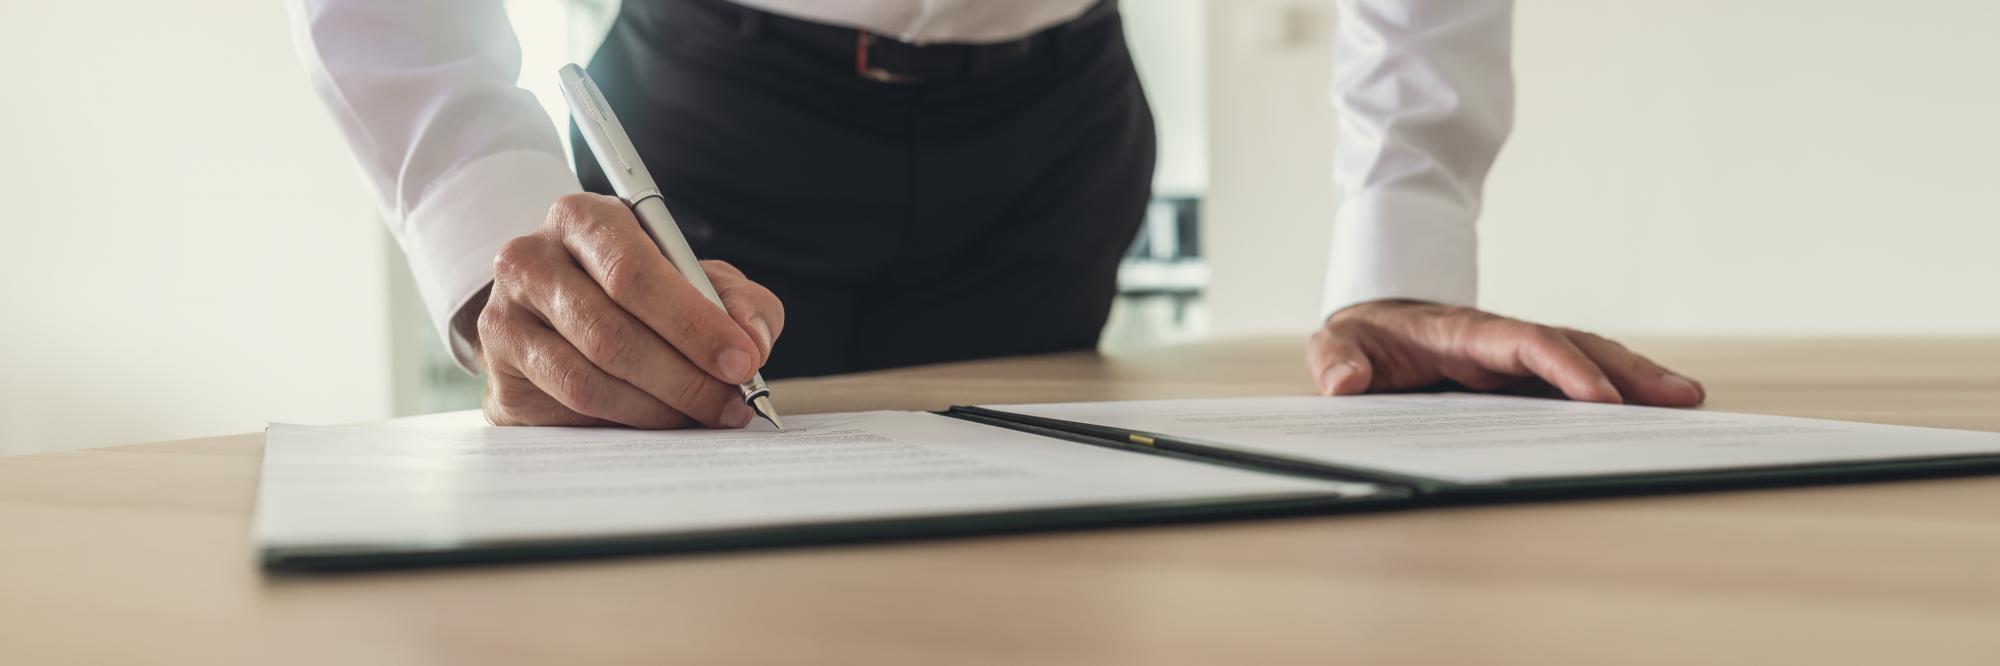 Дело о расторжении государственного контракта в одностороннем порядке